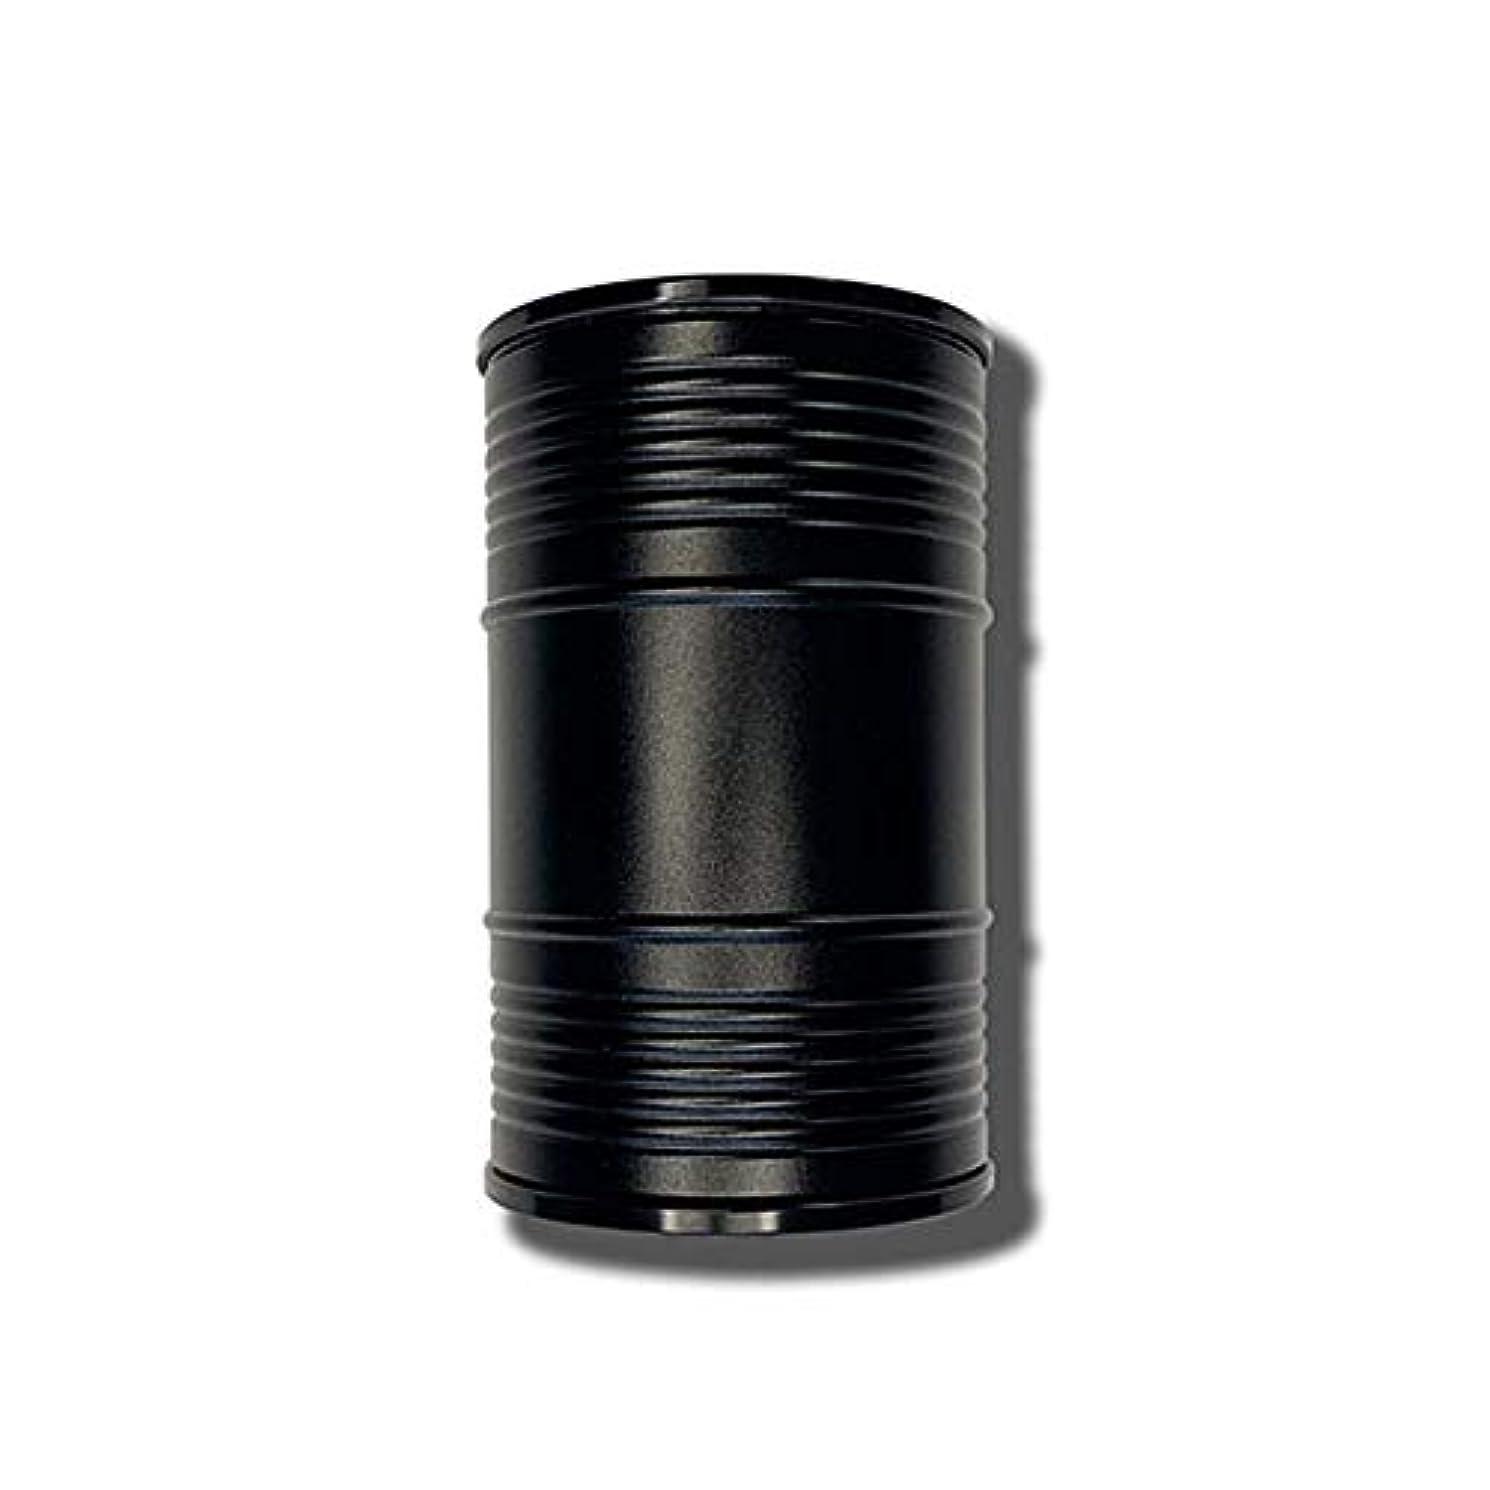 欲しいですリテラシー穏やかな創造的なオイルバレル形状ミニ車ポータブル灰皿カバーデザイン個性創造的な金属室内装飾、品質保証 (色 : 黒)